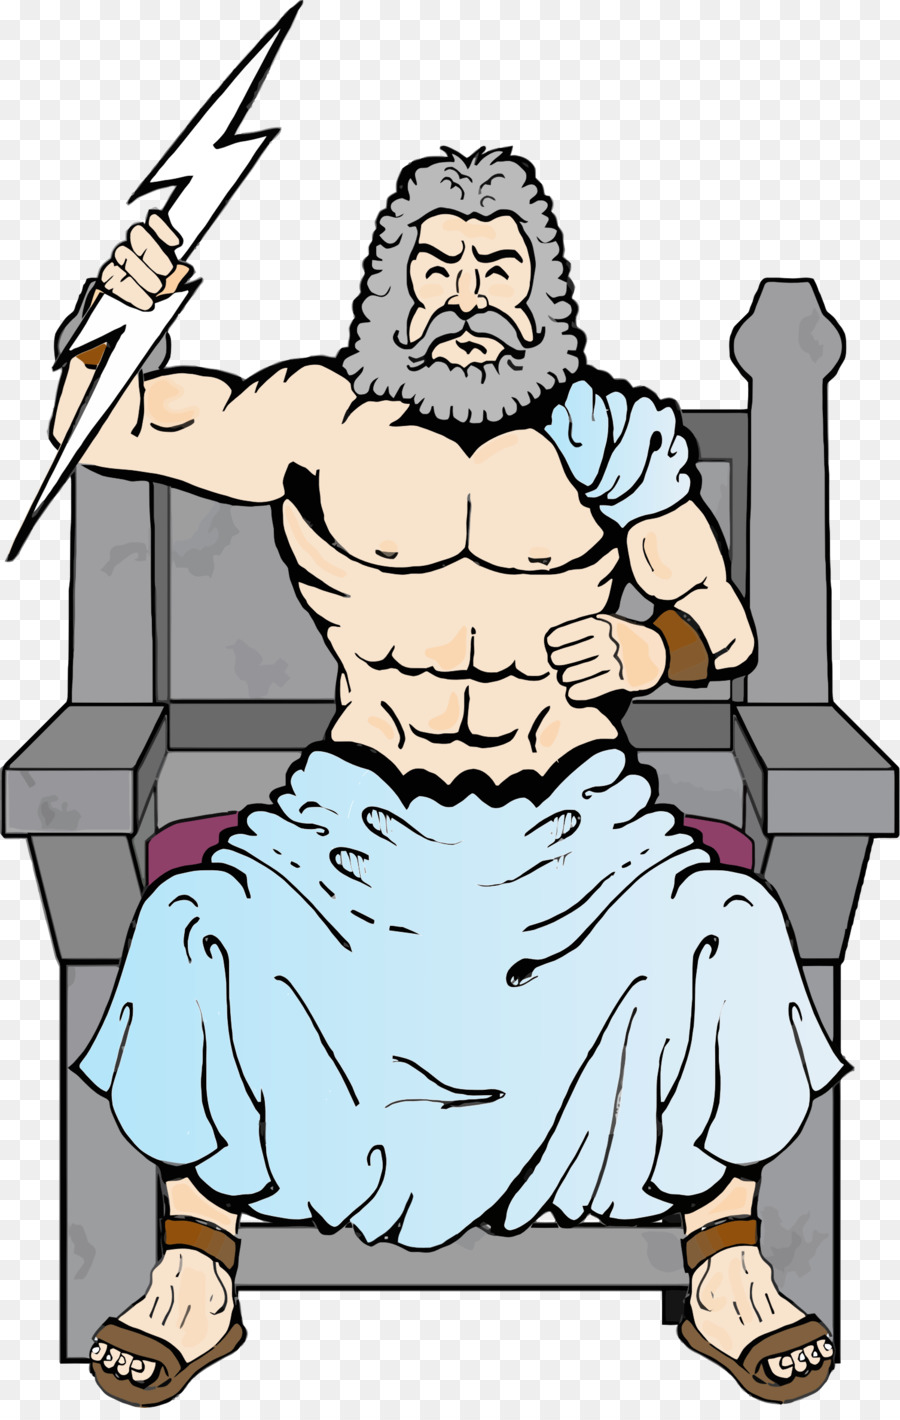 Zeuz clipart clip royalty free stock Zeus png download - 1505*2354 - Free Transparent Zeus png ... clip royalty free stock